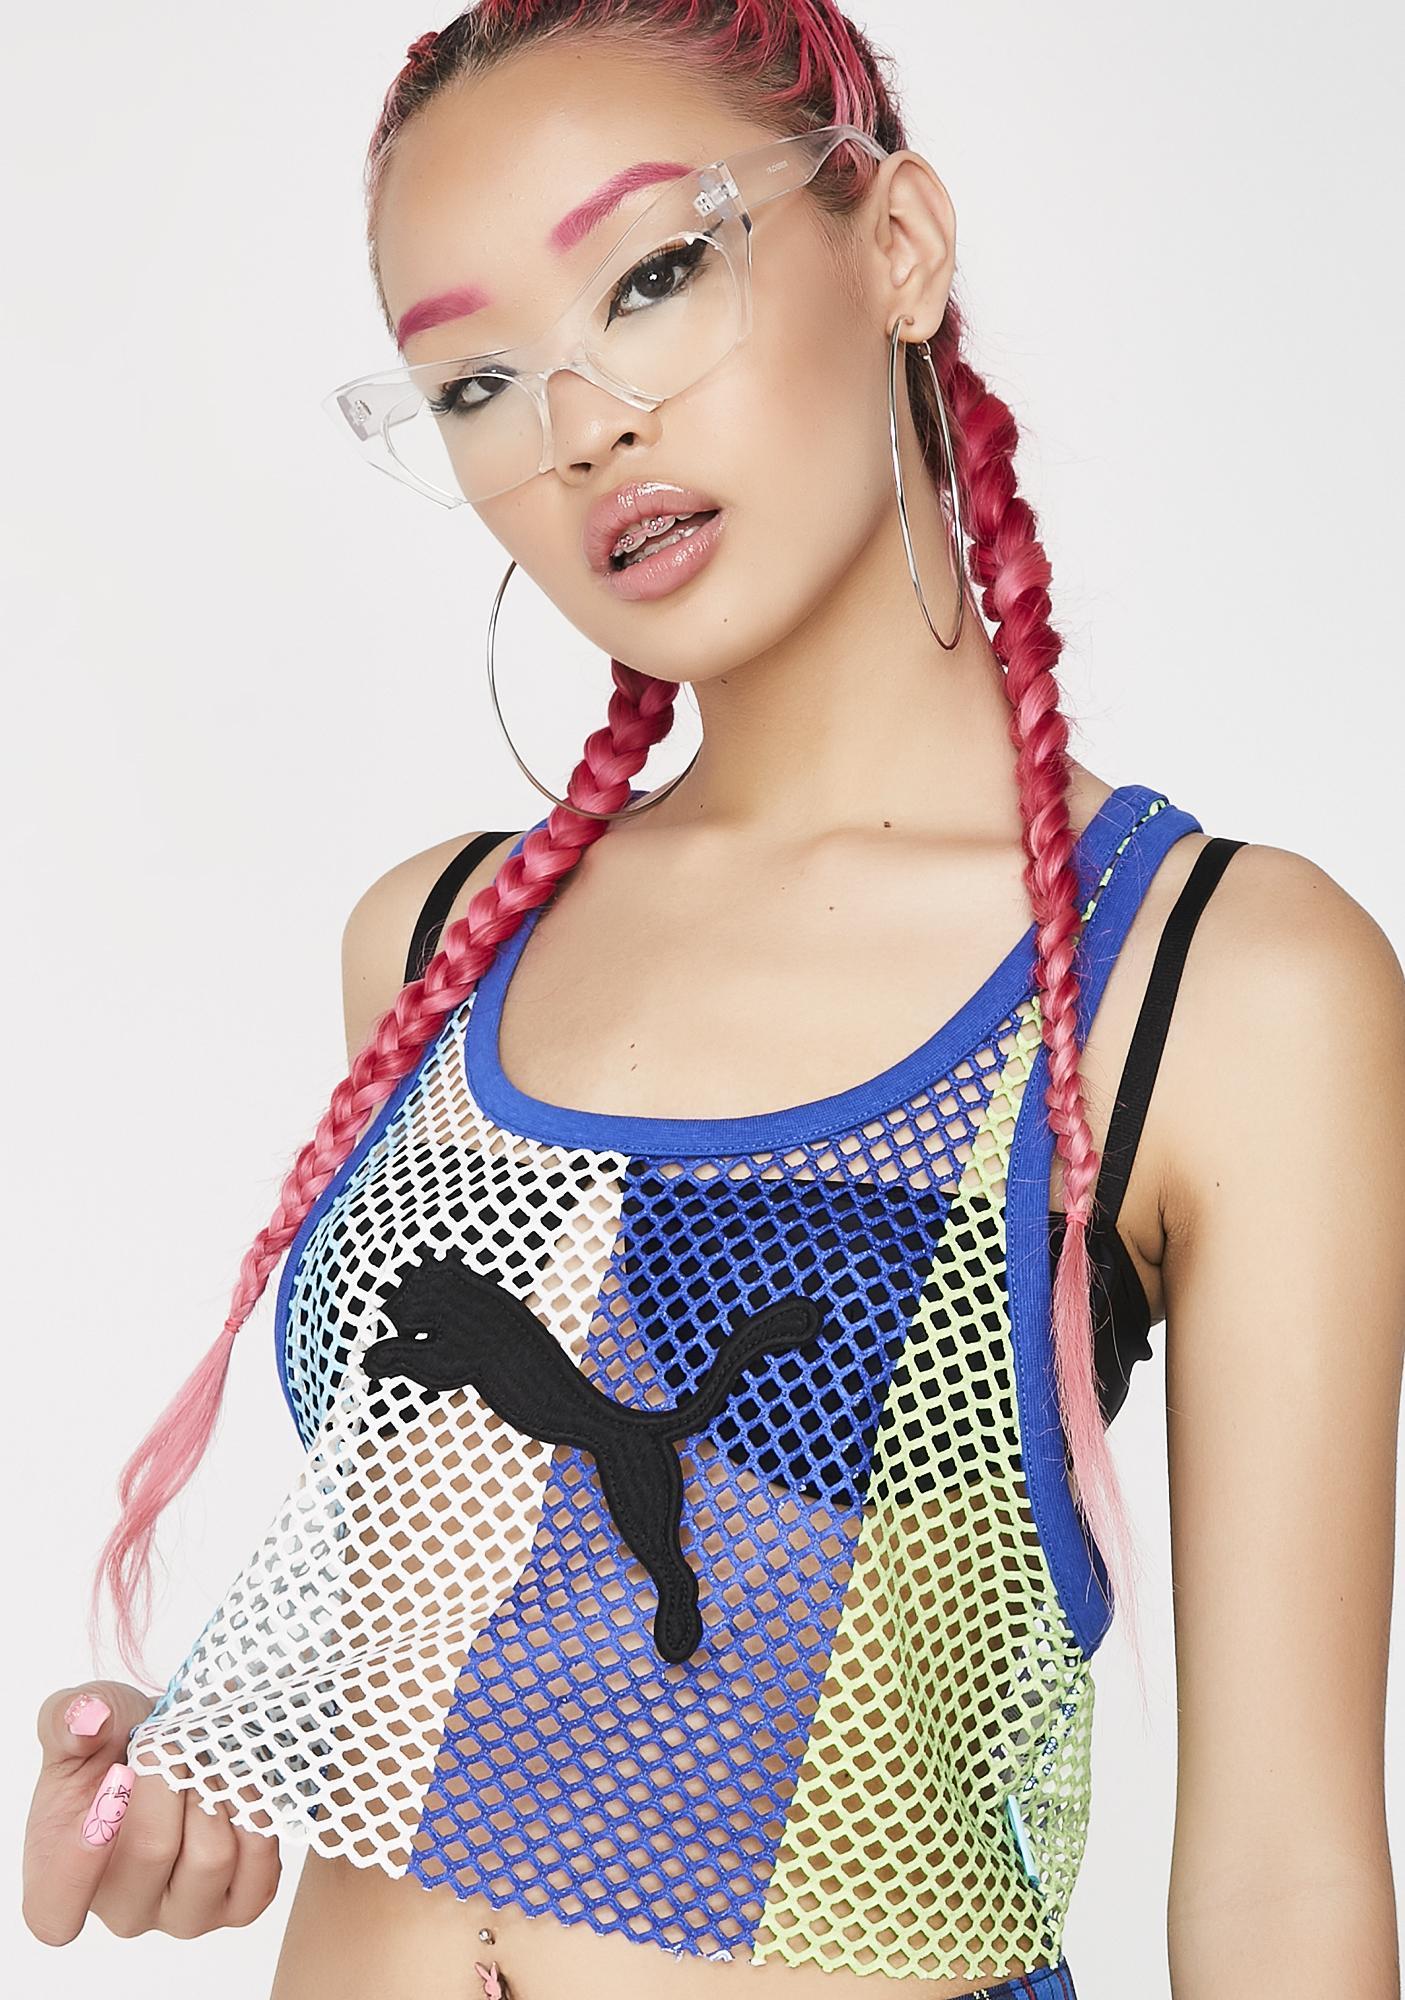 PUMA Bluefish FENTY PUMA By Rihanna Mesh Crop Tank Top